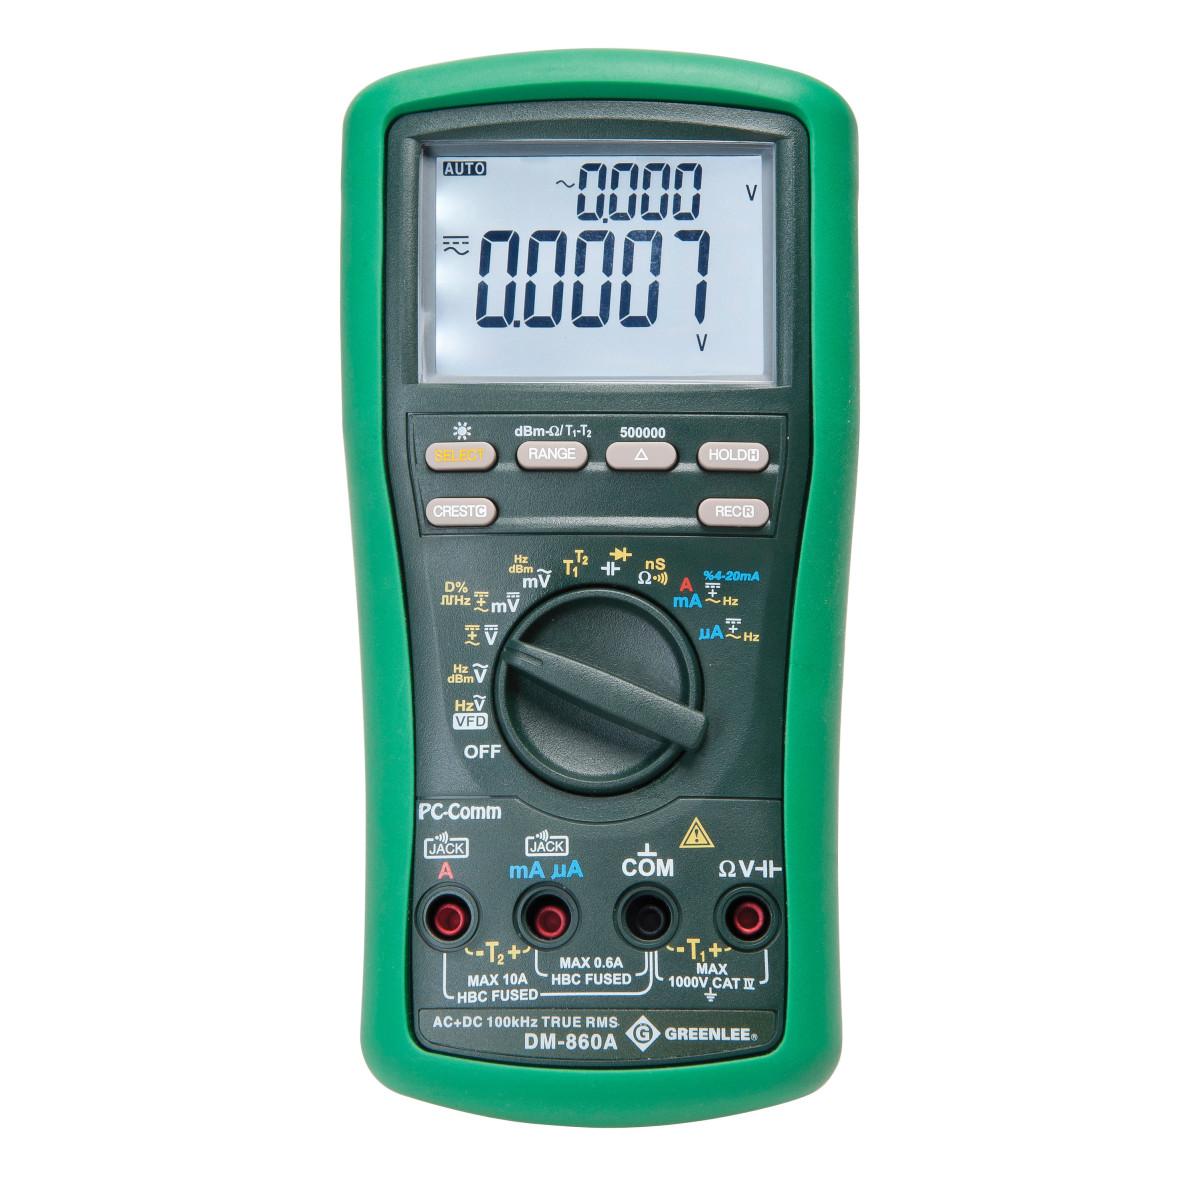 DMM 500K COUNTS (DM-860A) (CALIB)